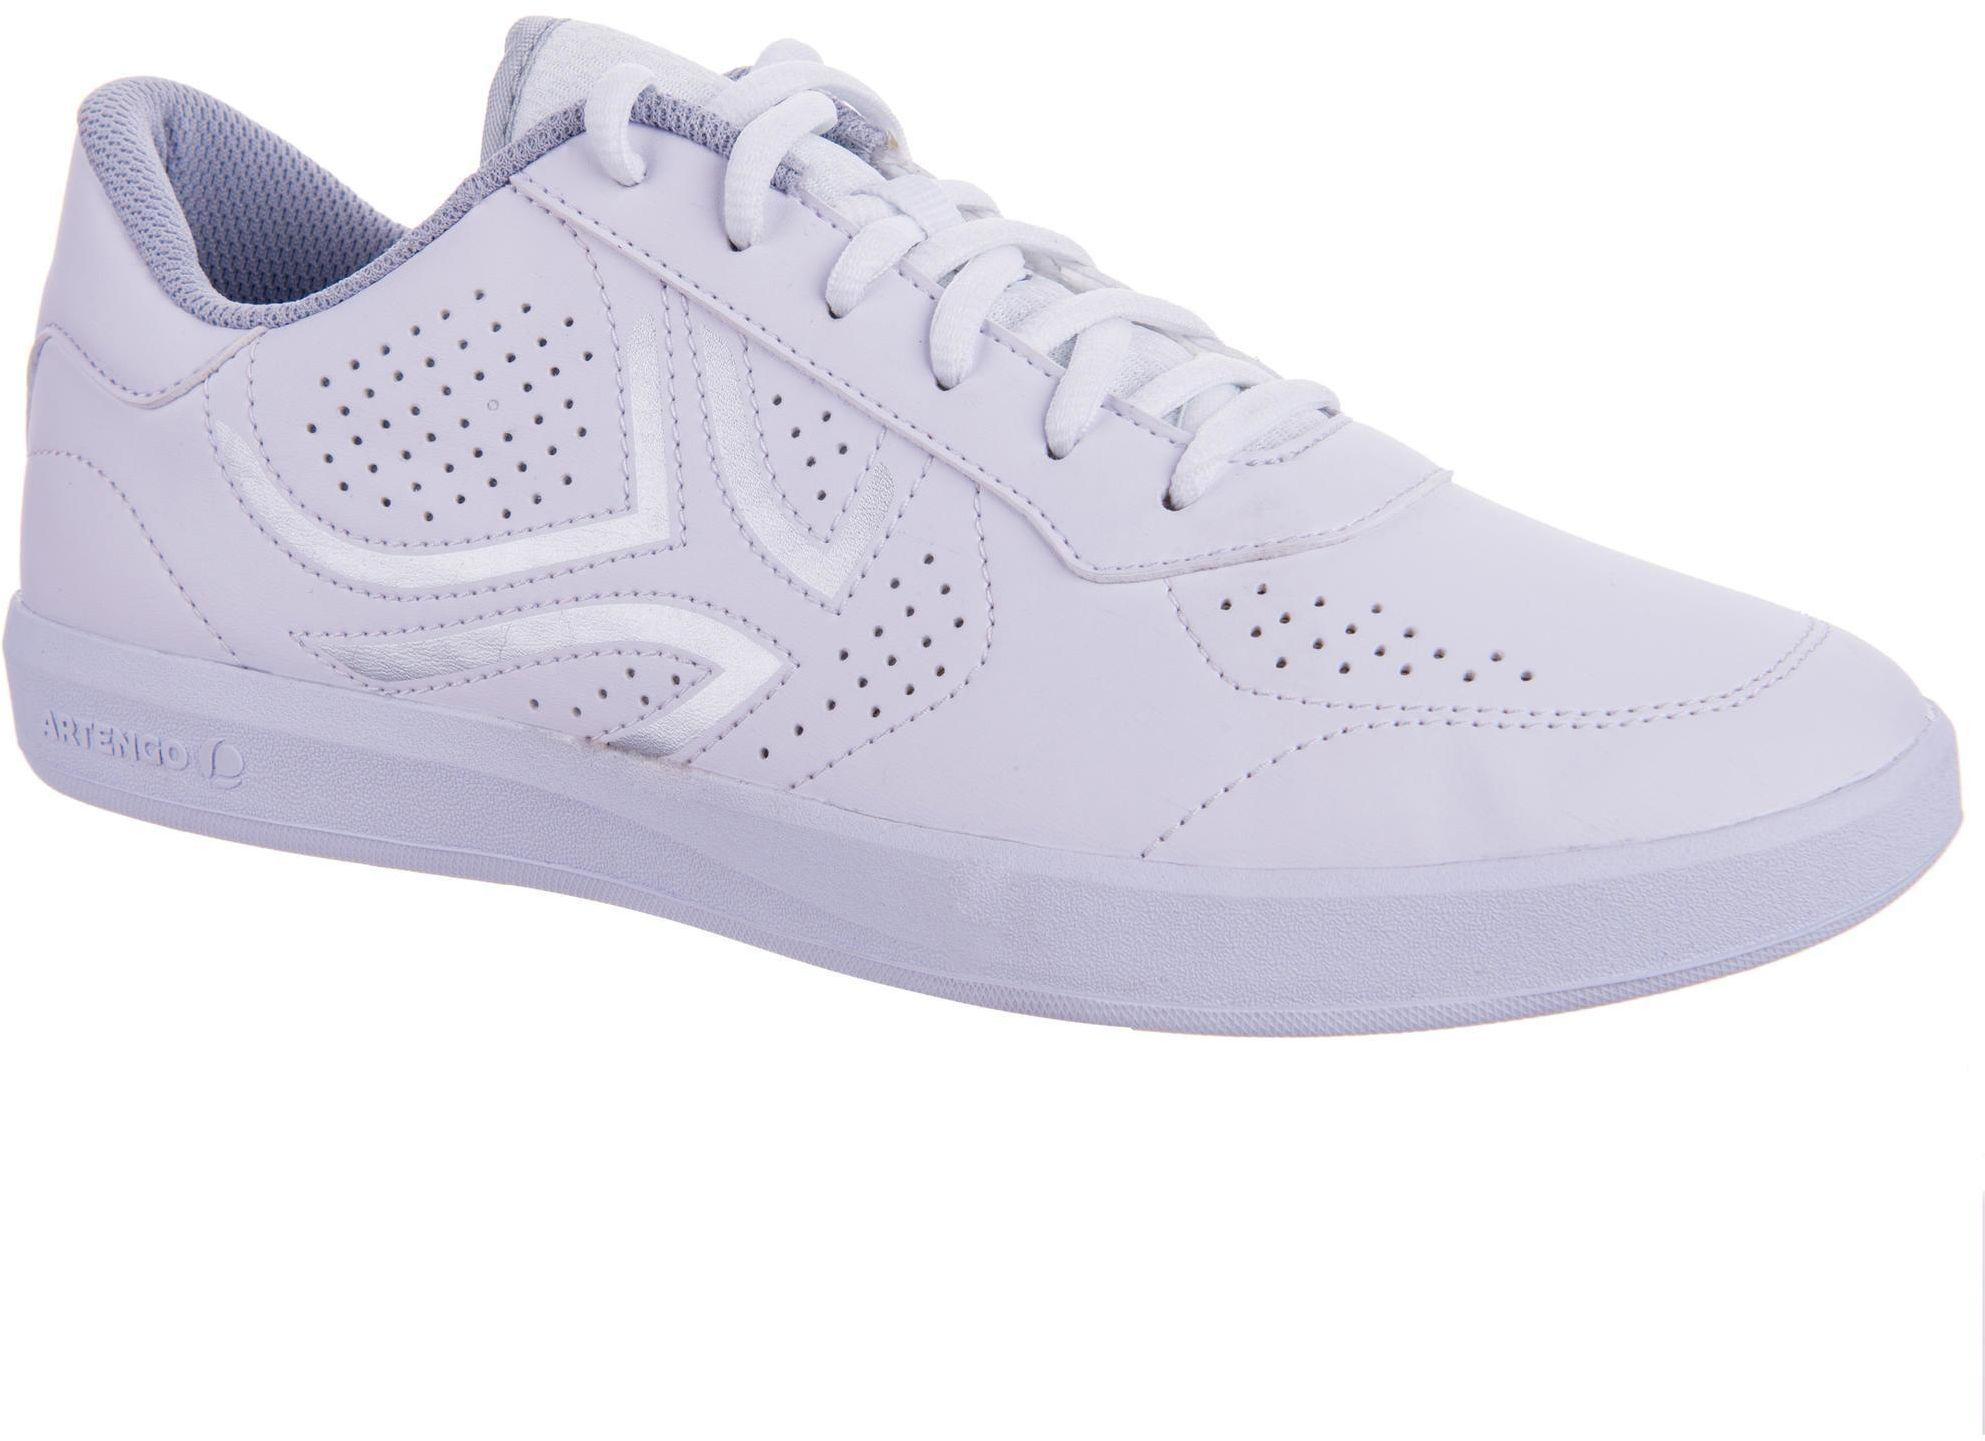 Buty tenis TS100 damskie